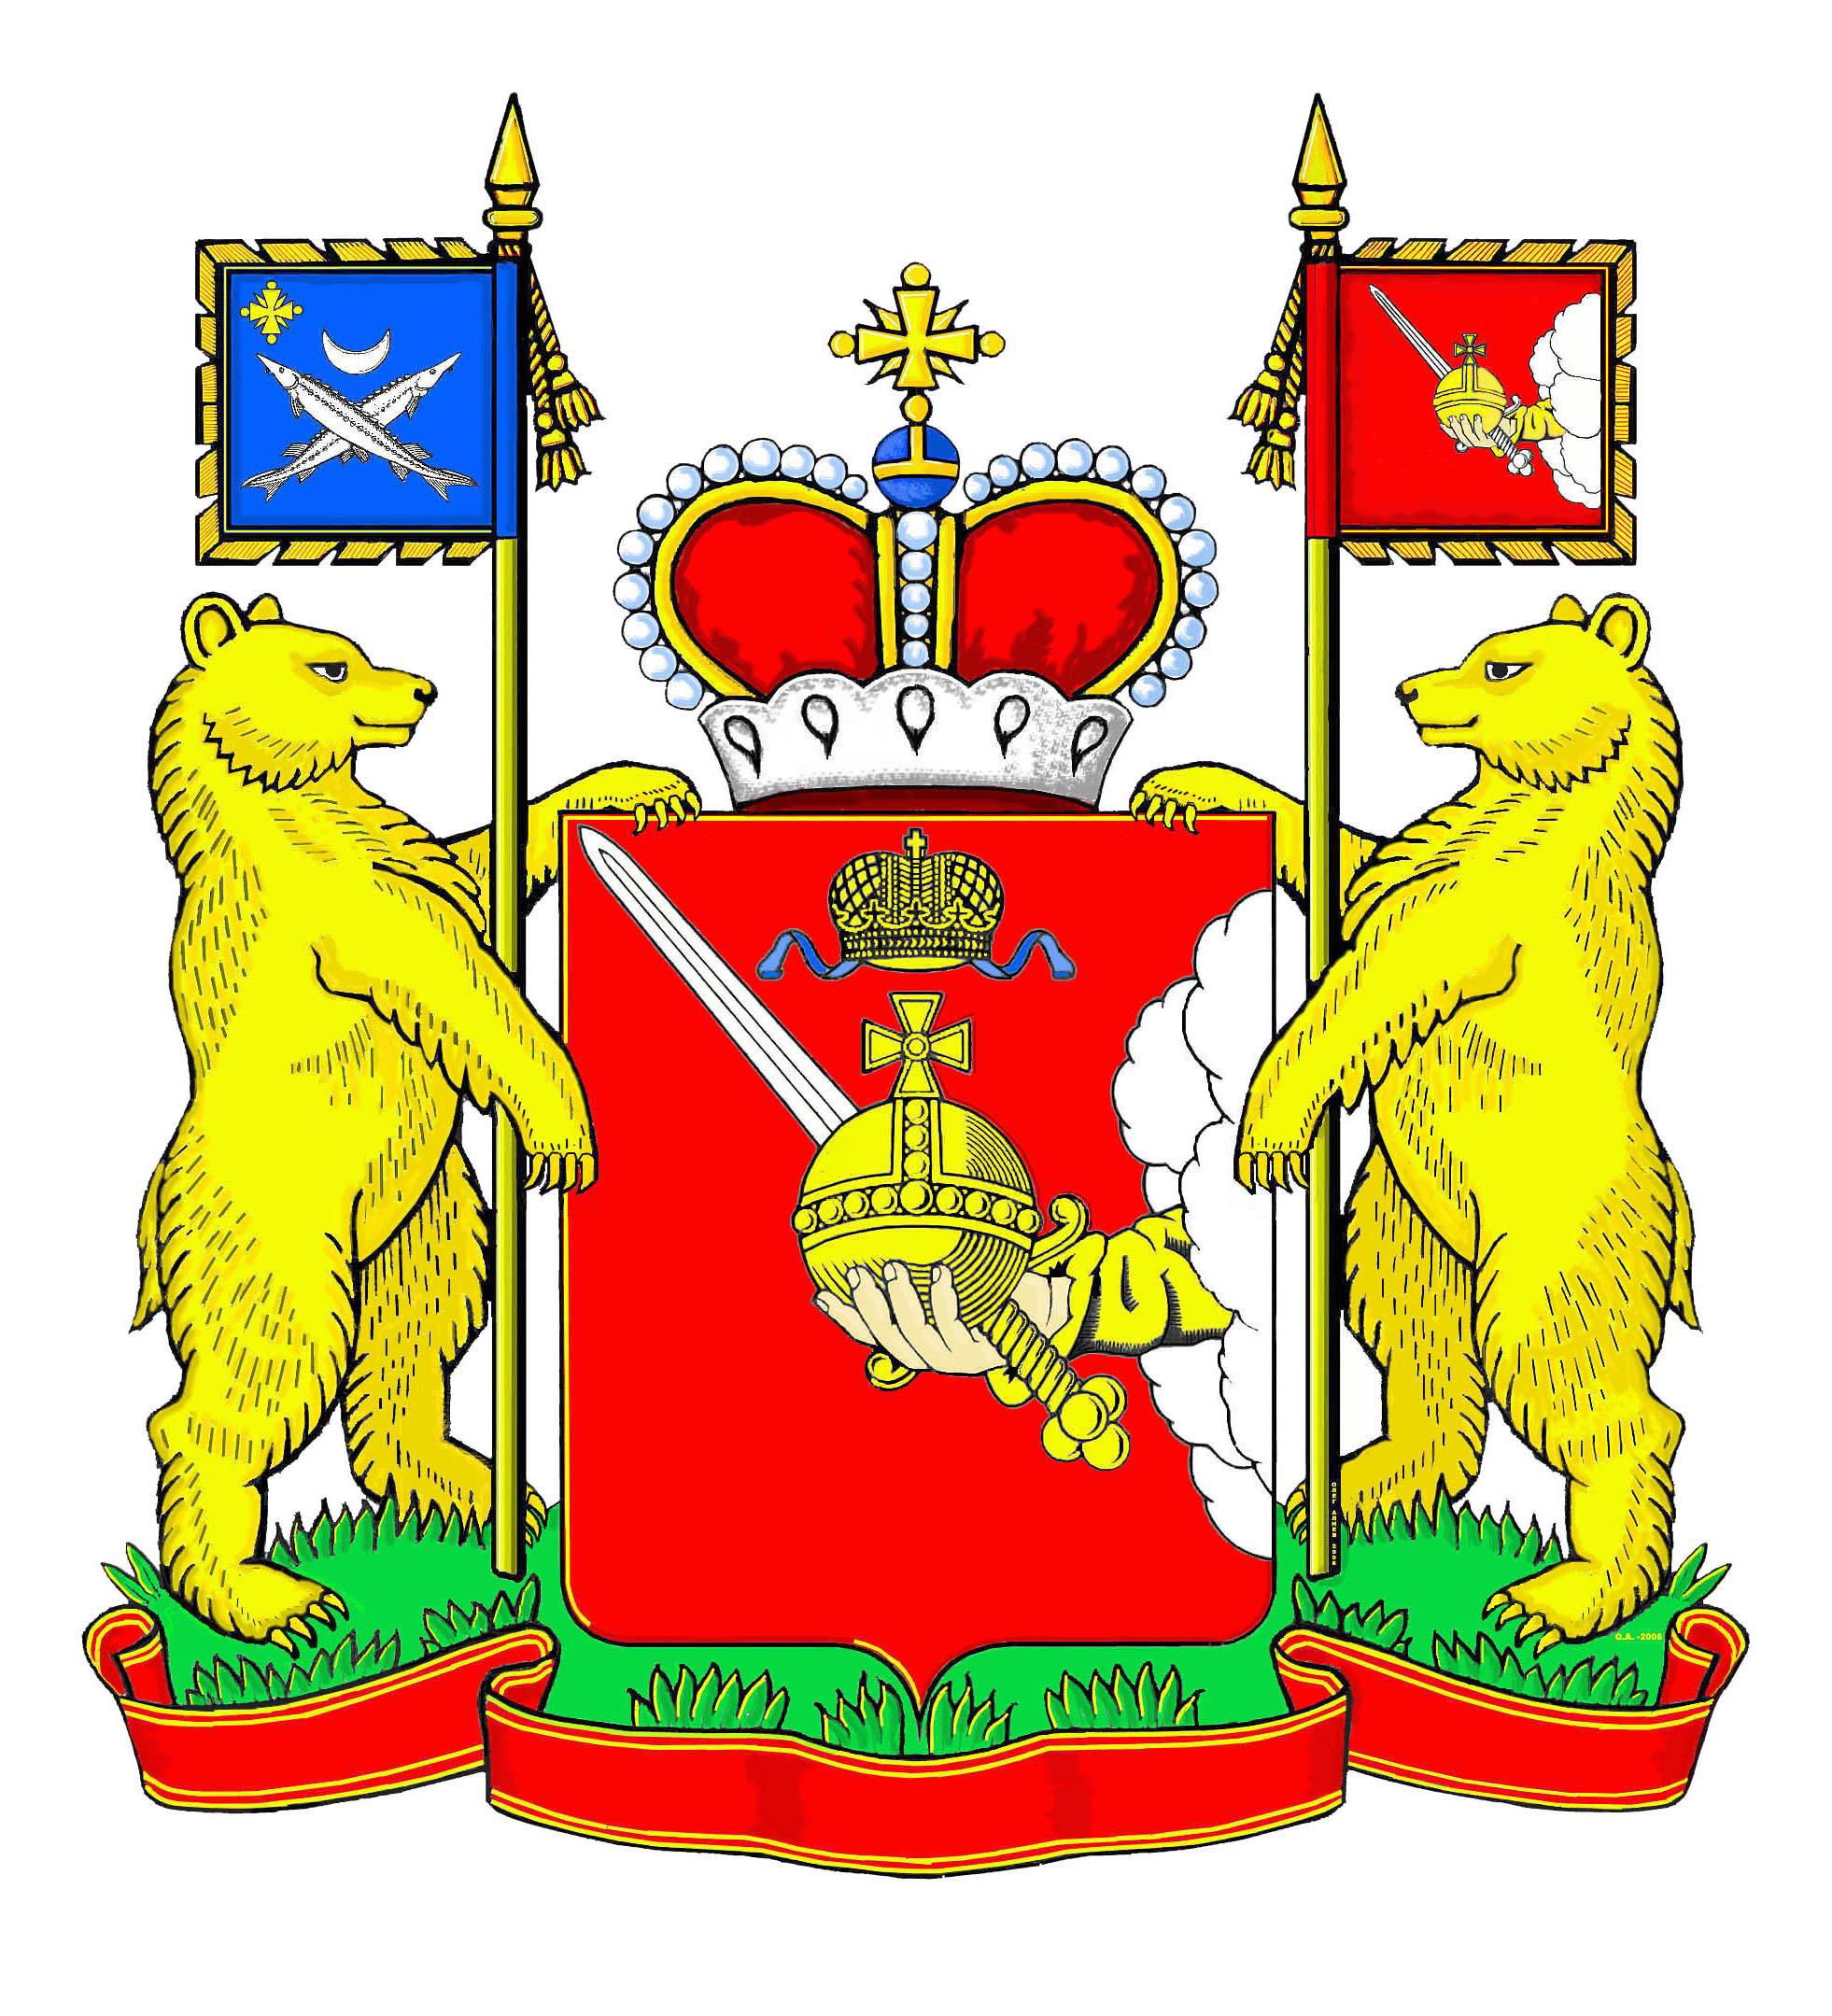 Большой герб Вологодской области (2006)